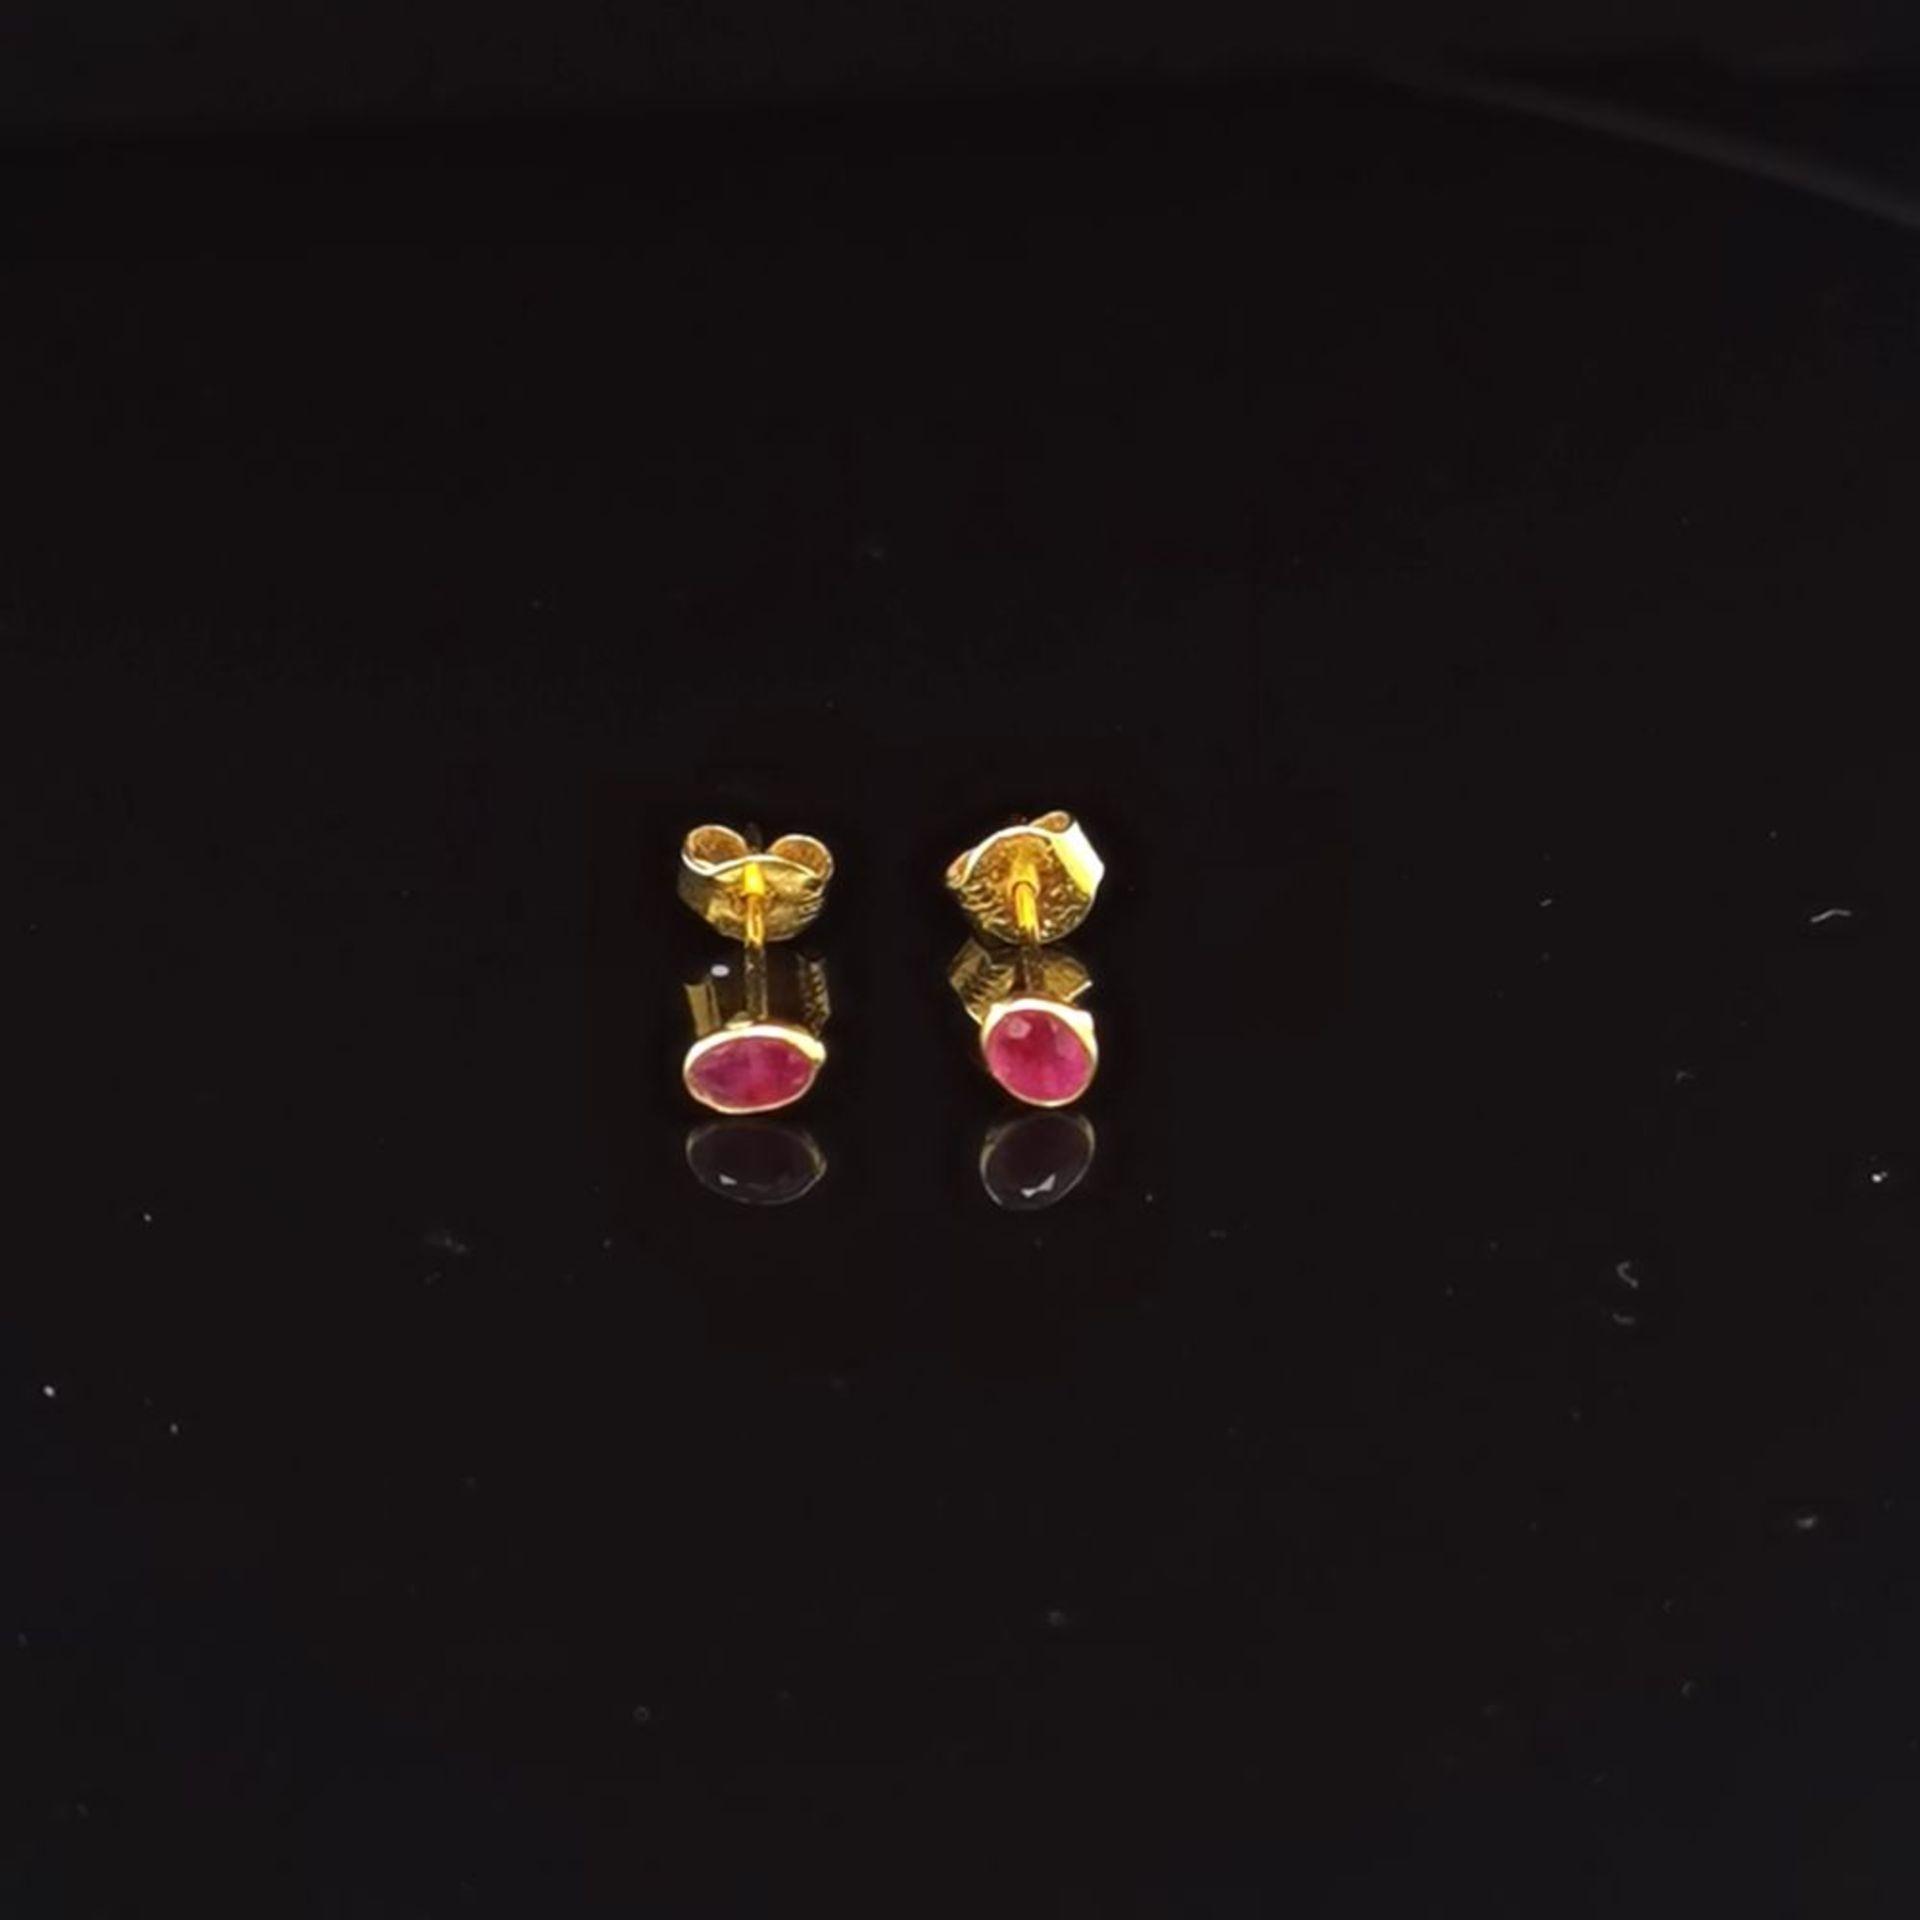 Rubin-Ohrstecker, 750 Gold 0,7